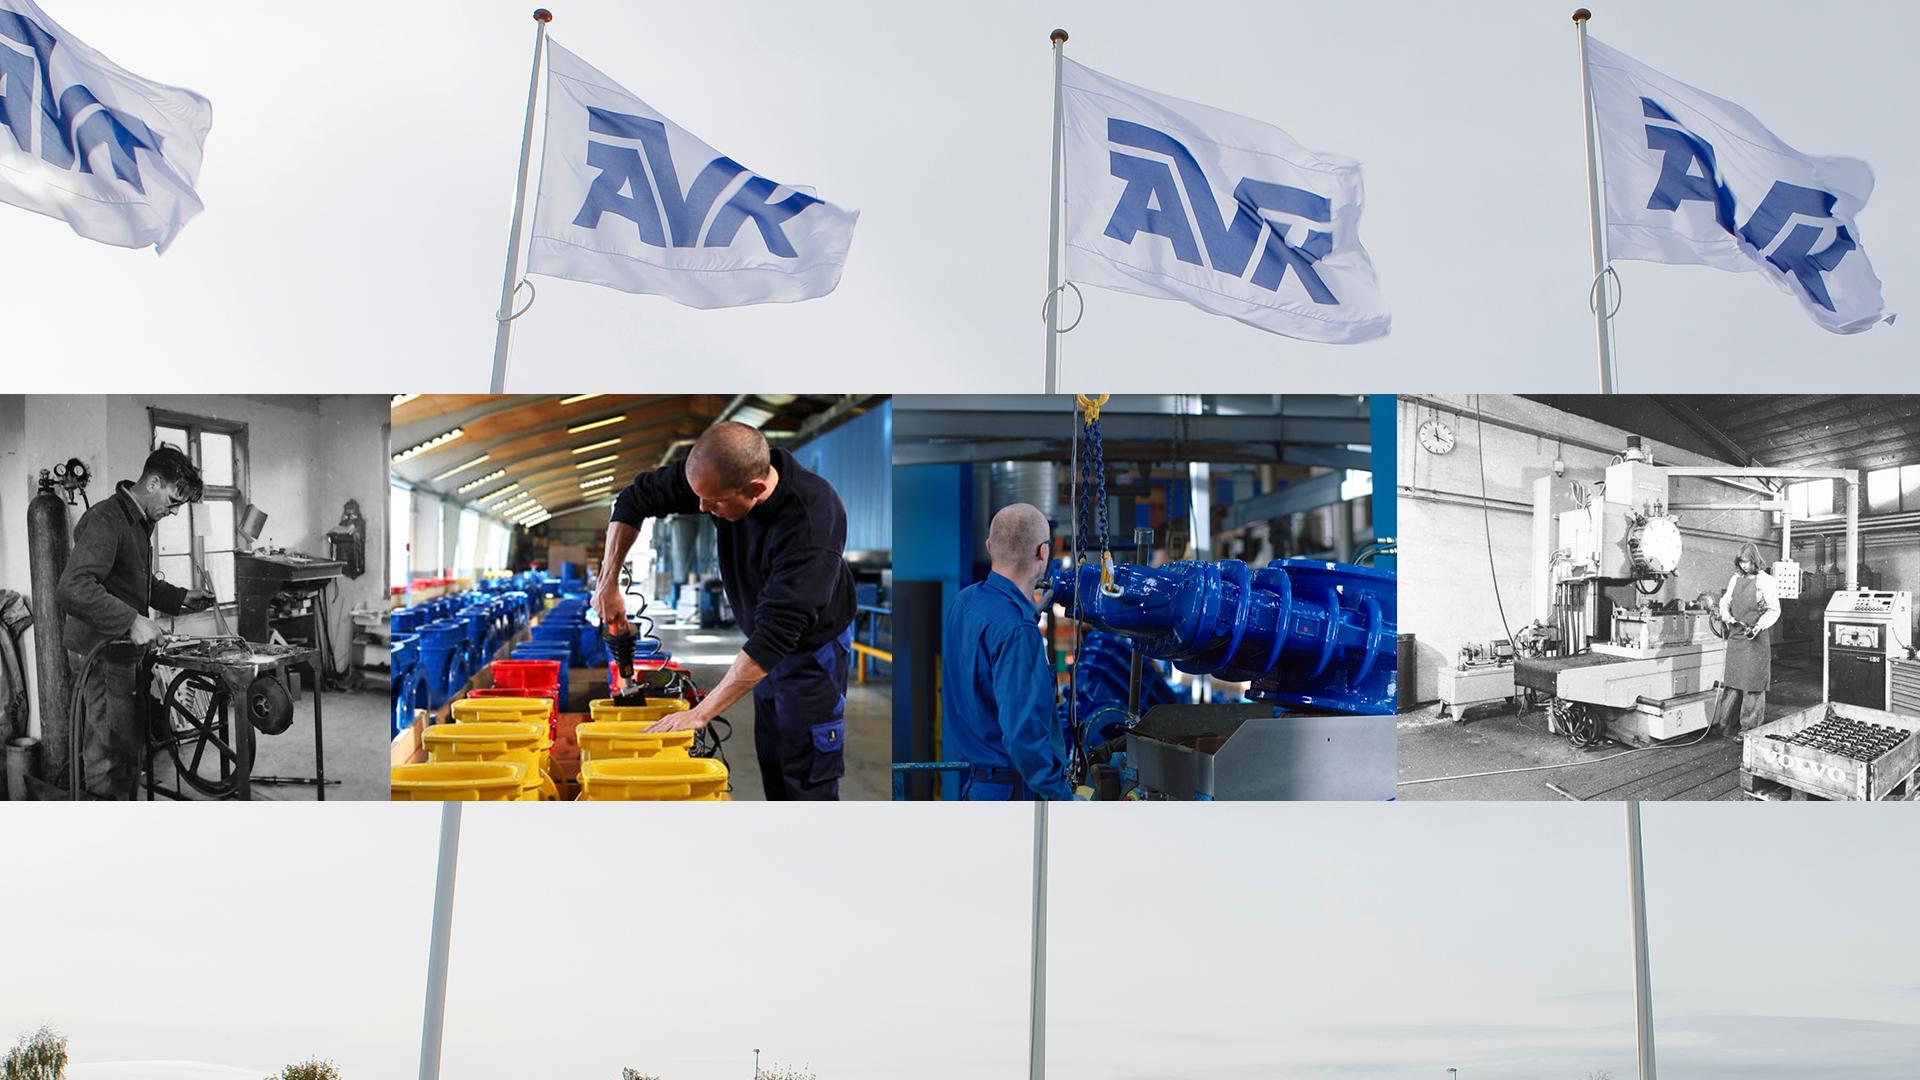 AVK Groep bestaat 80 jaar